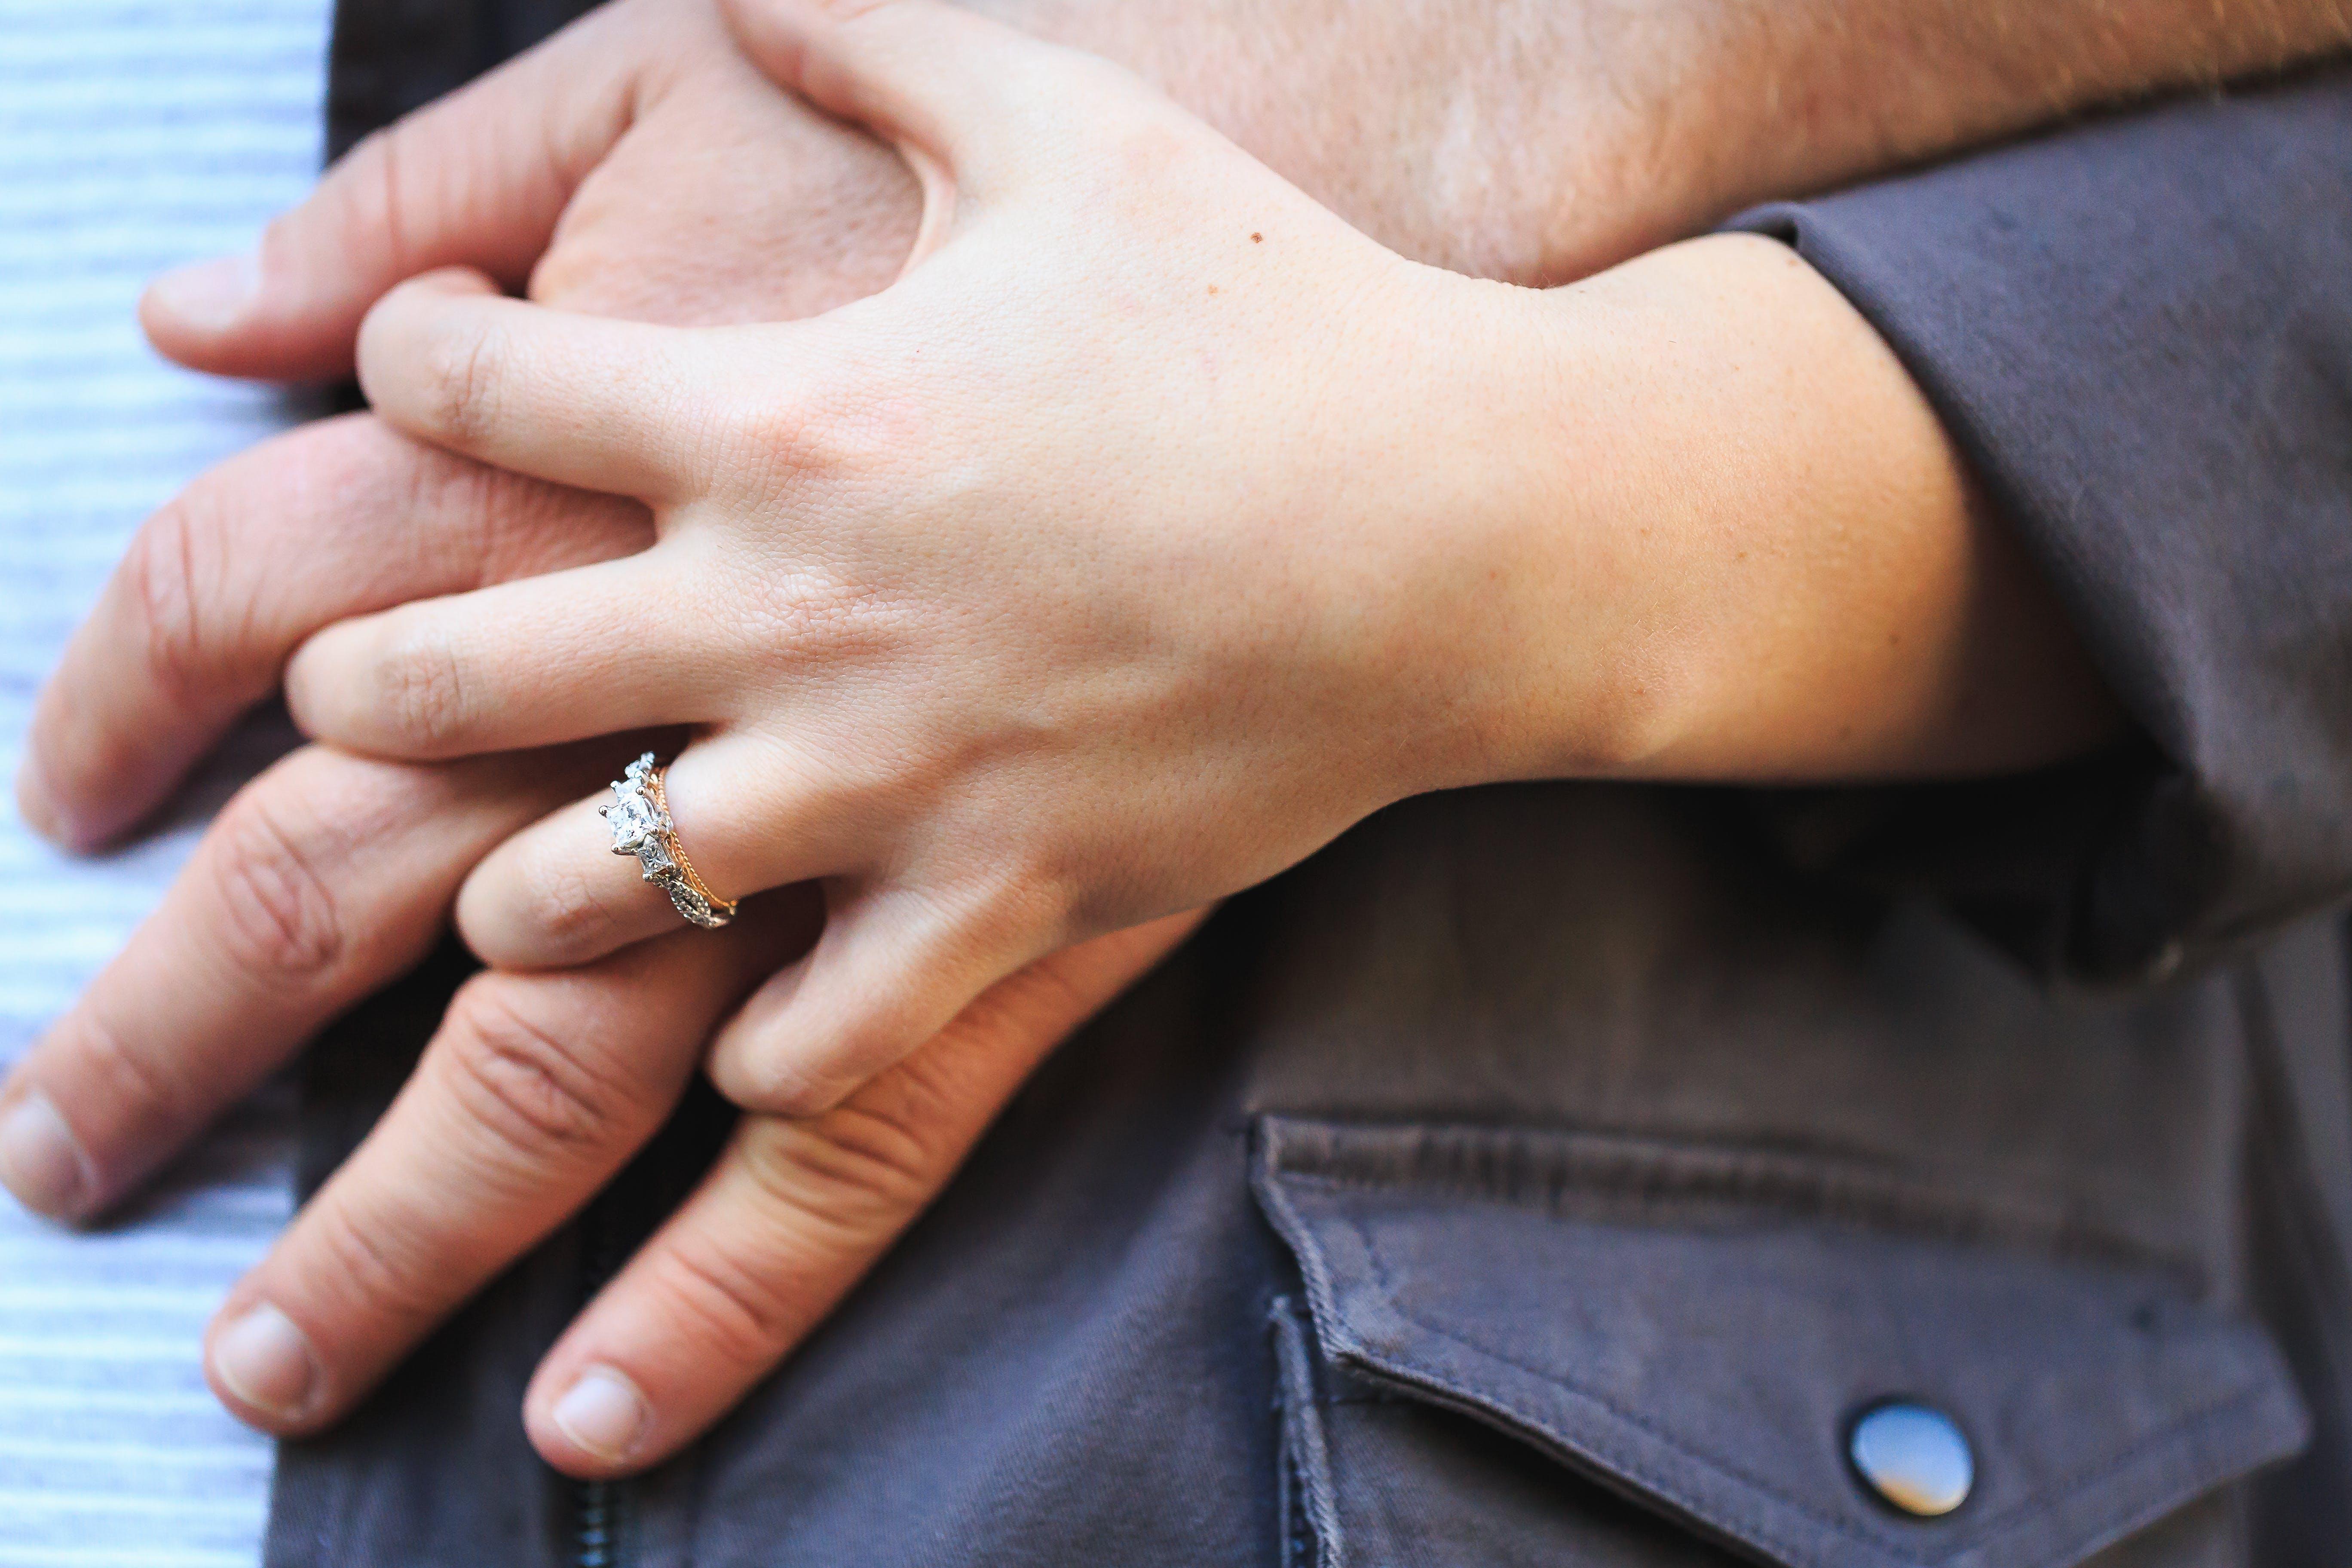 Kostnadsfri bild av fingrar, förlovningsring, hålla händer, händer